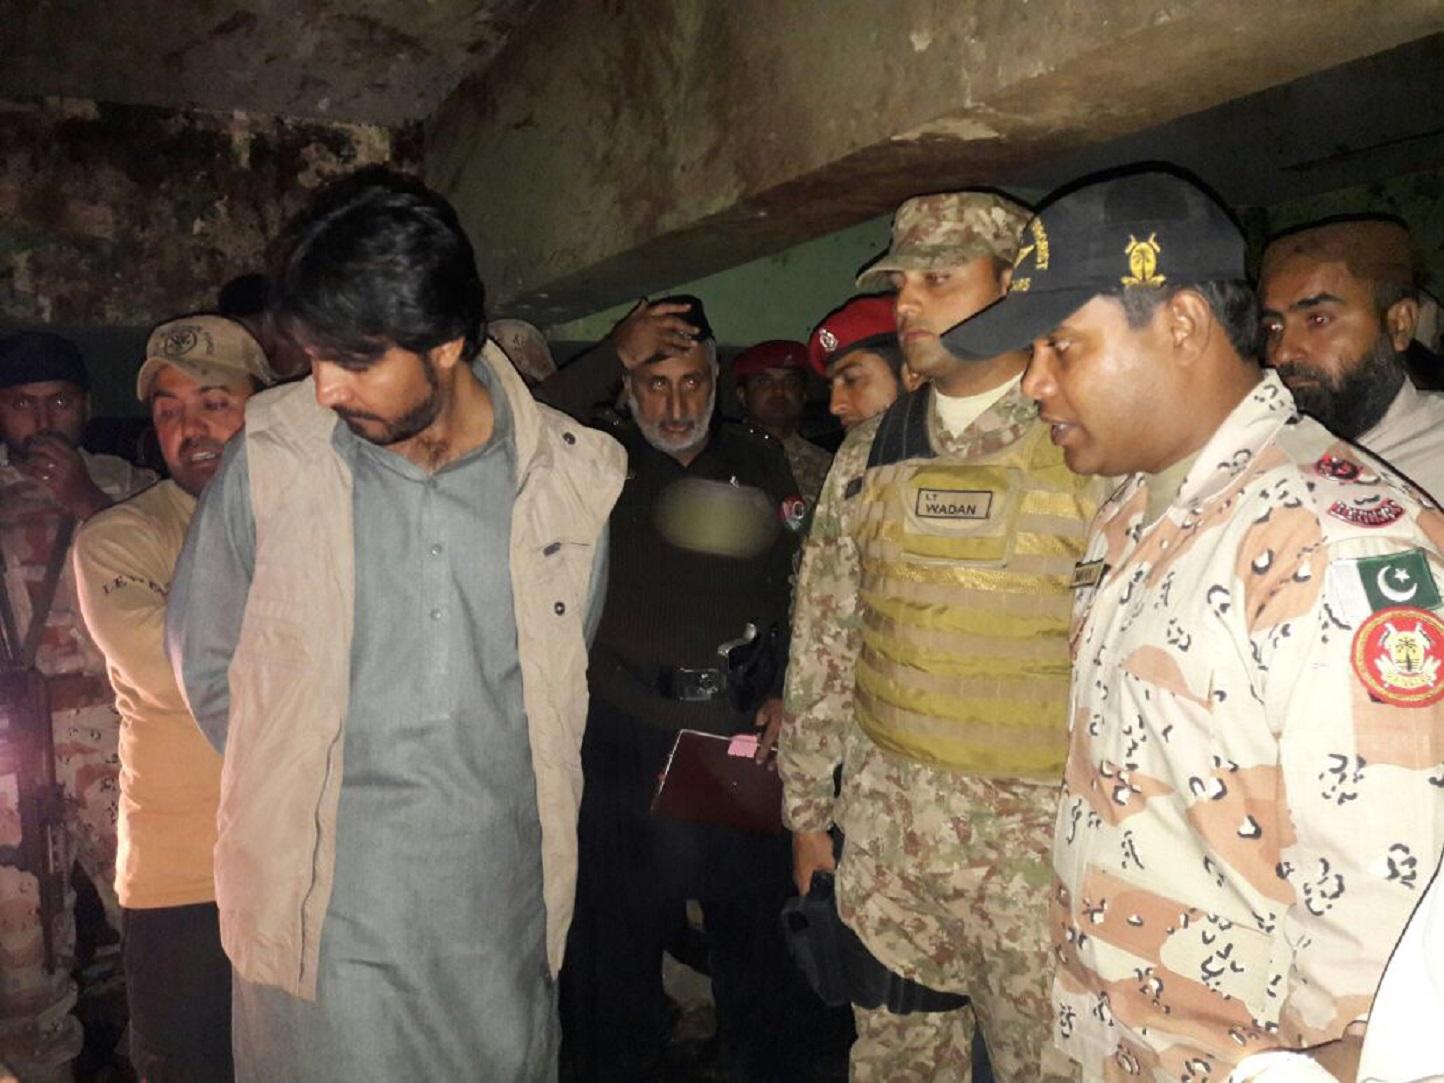 پاکستان په بلوچستان کې د صوفي زيارت د ځانمرګي برید په کلکه غندنه کوي